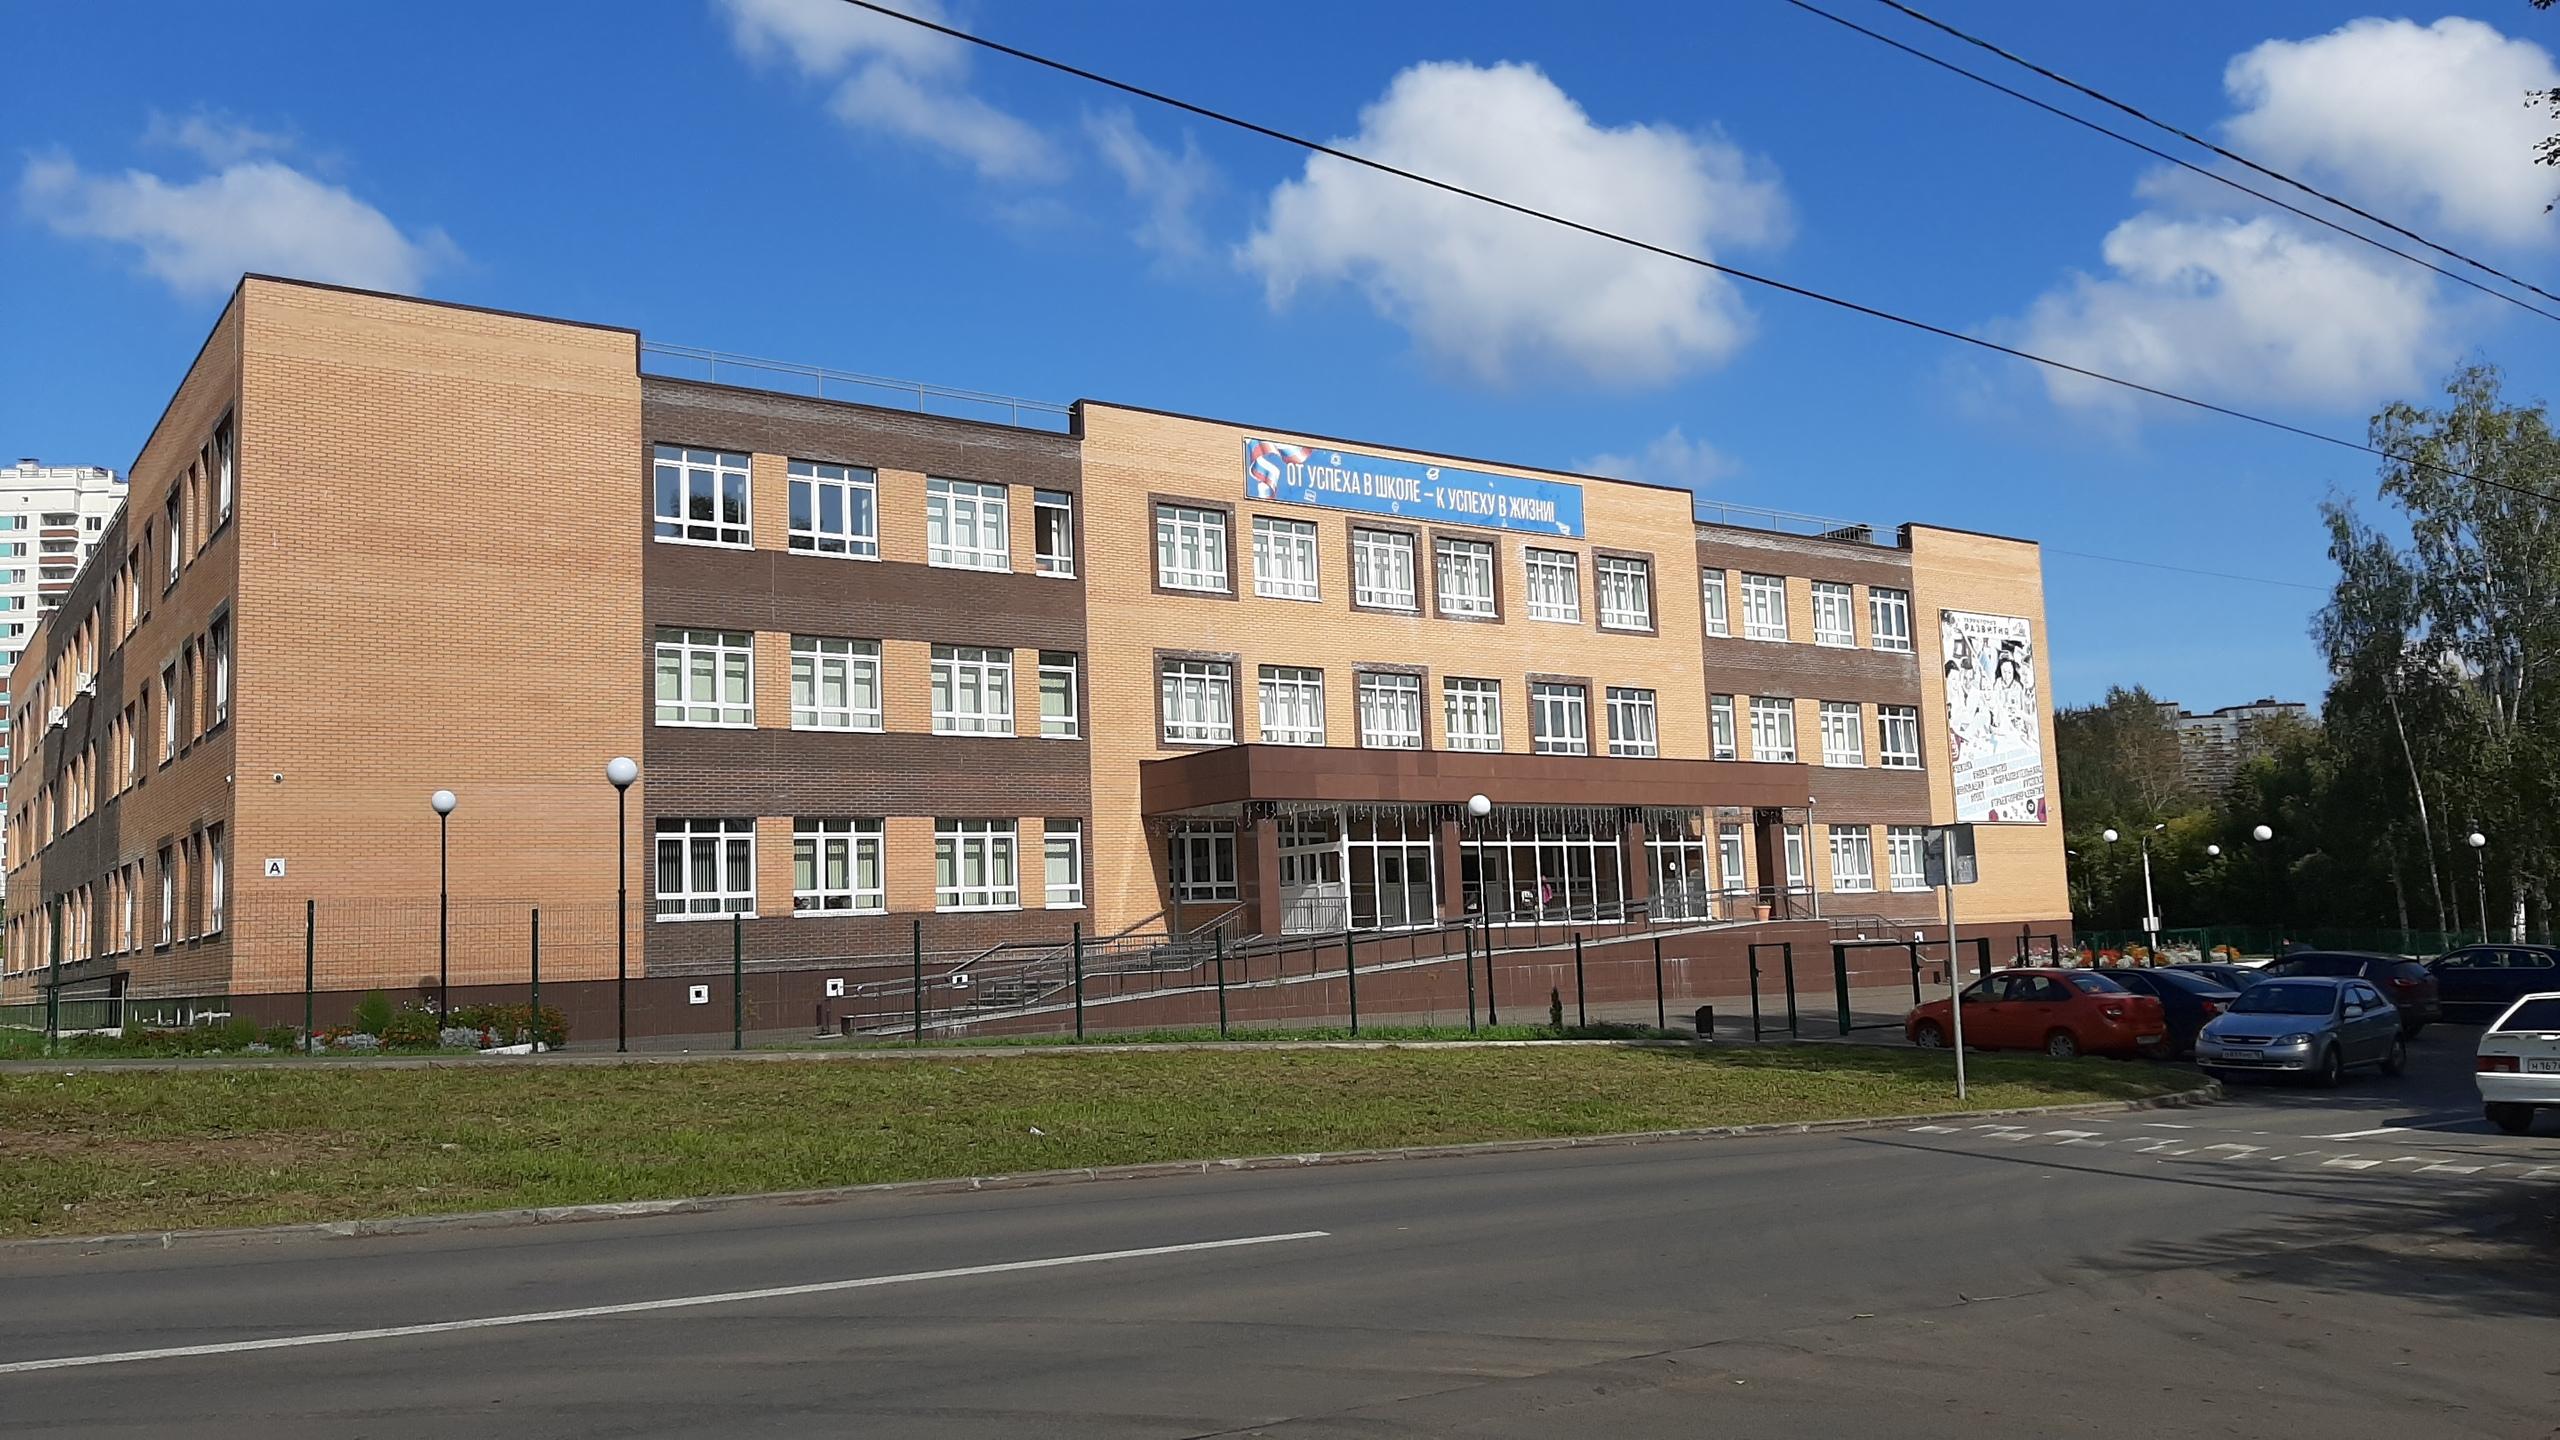 Муниципальное автономное общеобразовательное учреждение «Средняя общеобразовательная школа № 46» (МАОУ «СОШ № 46»)